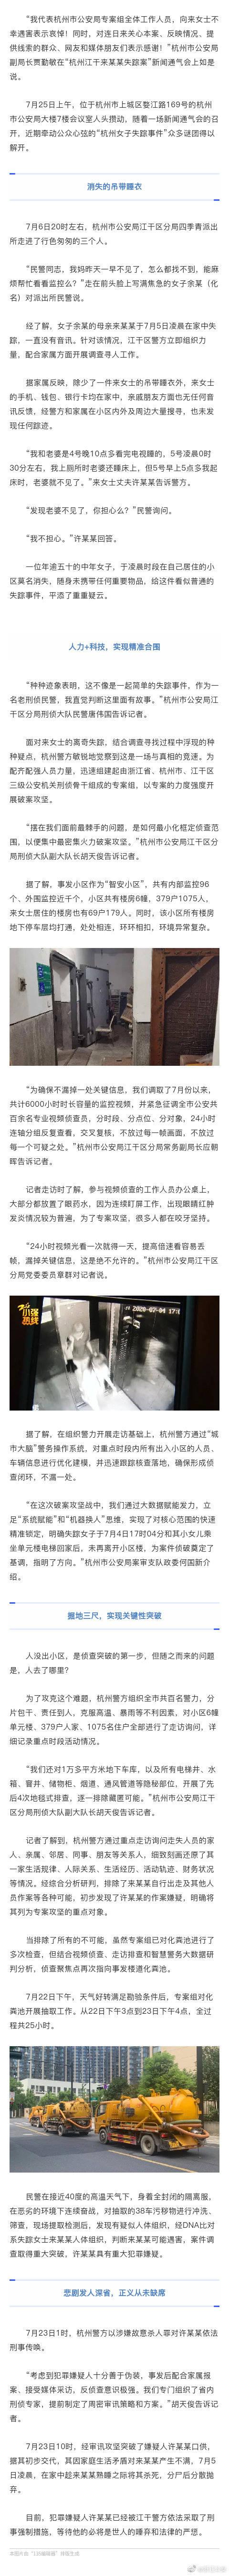 杭州警方披露侦破详情:看6000小时监控,查38车污秽物